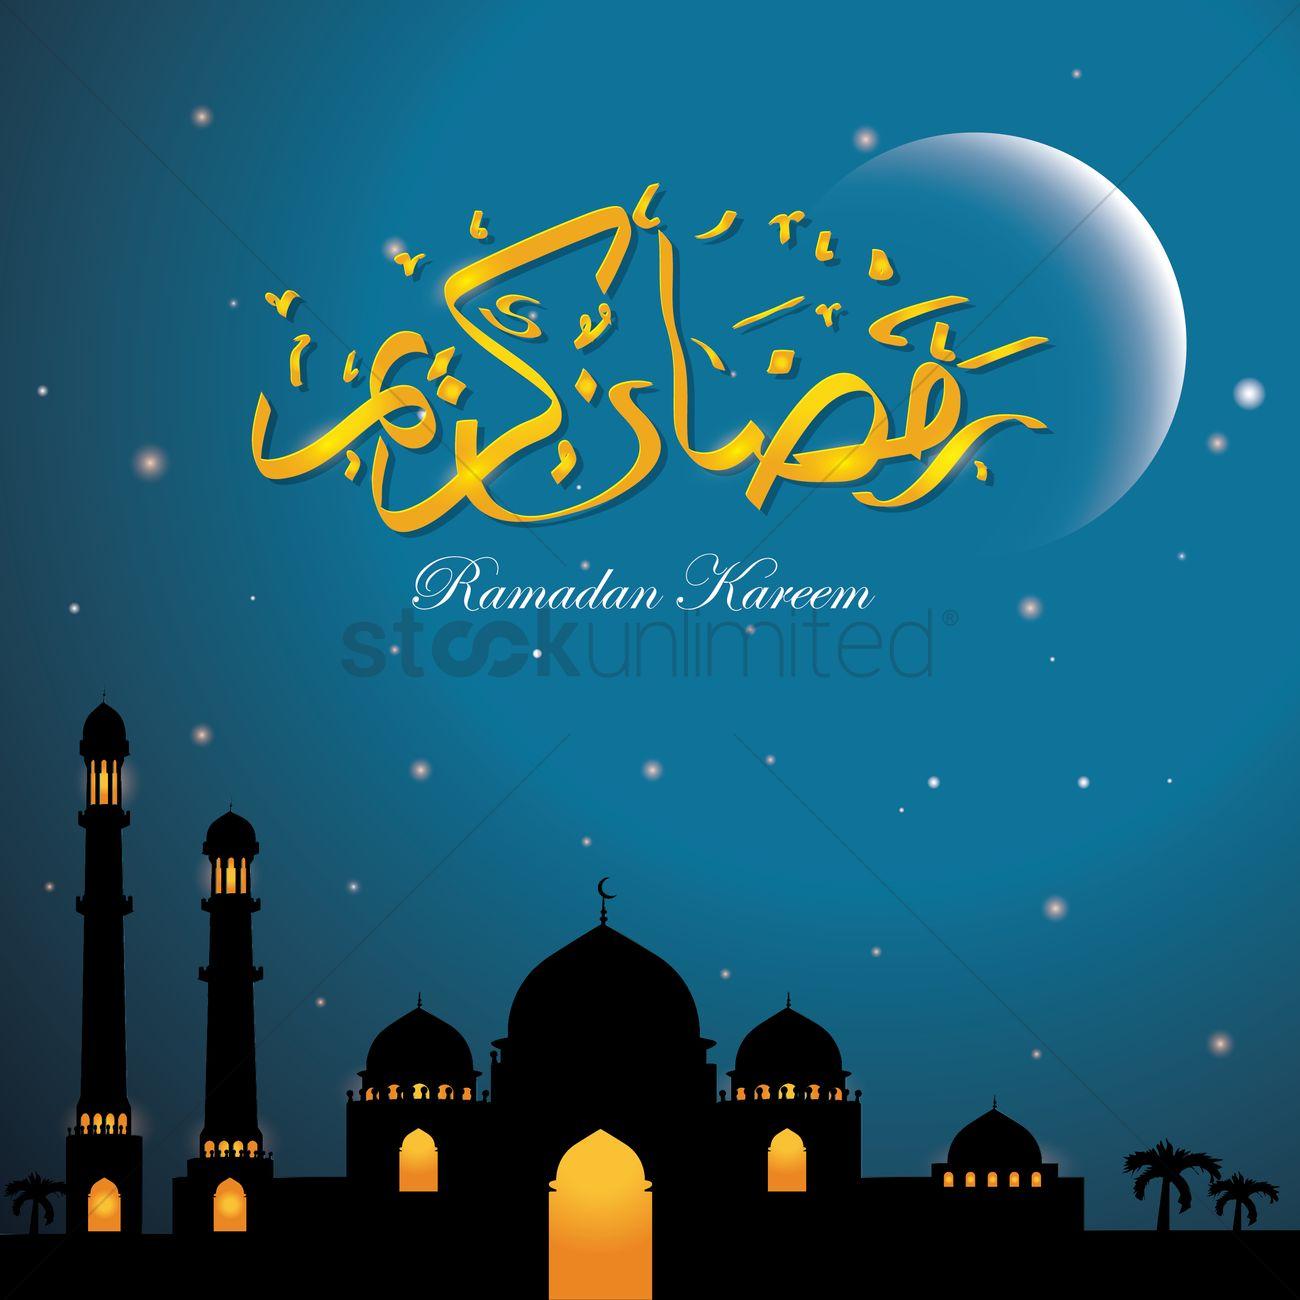 Ramadan kareem greeting in jawi vector image 1827021 stockunlimited ramadan kareem greeting in jawi vector graphic kristyandbryce Images